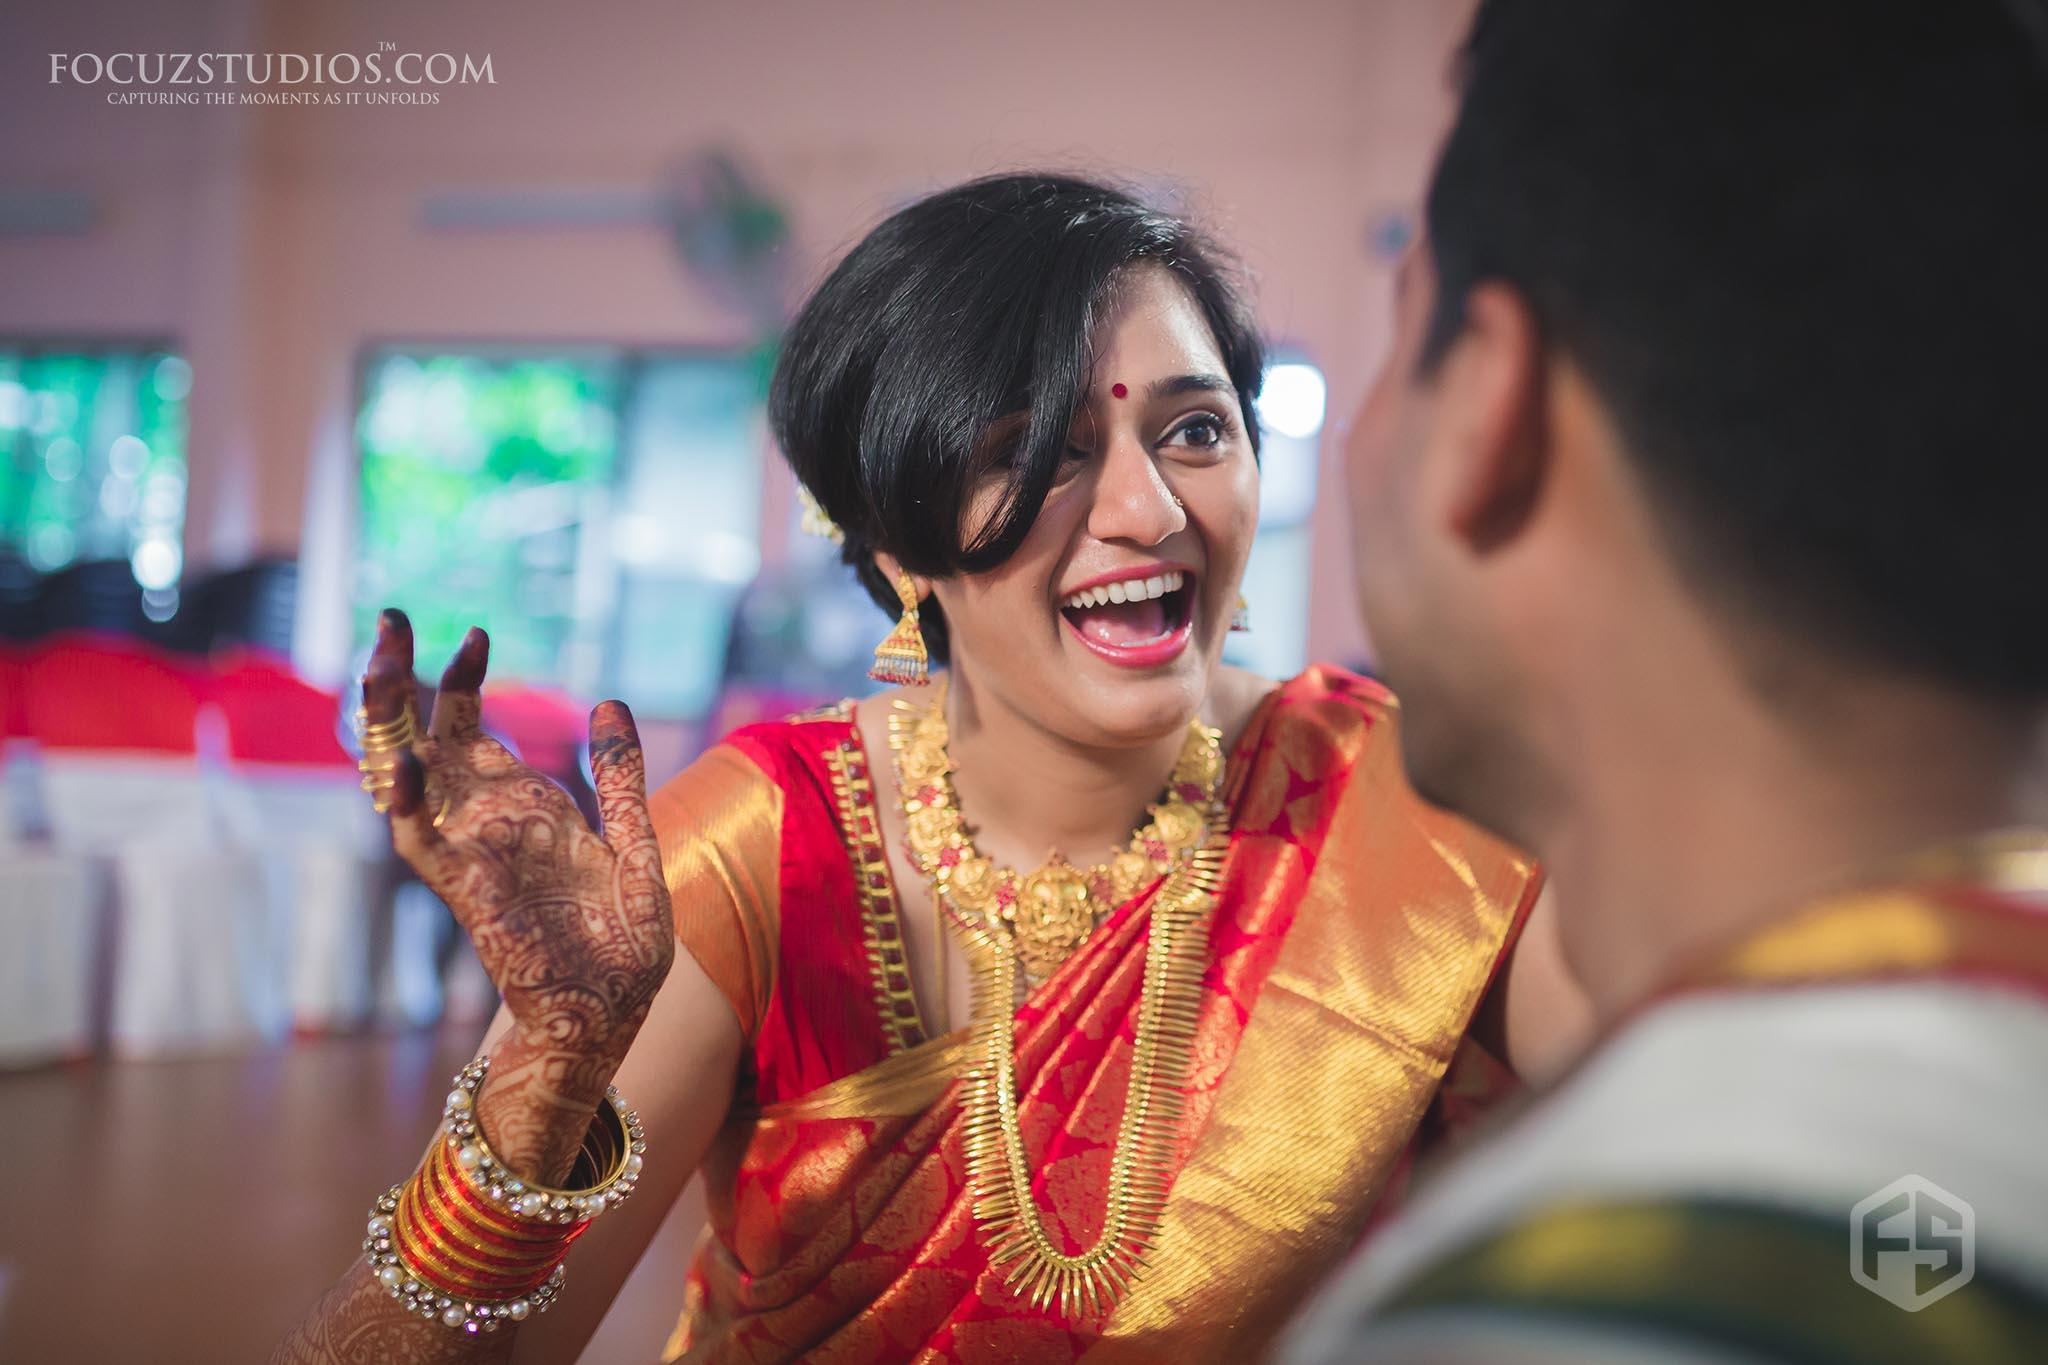 udupi-brahmins-wedding-photography-kerala-8